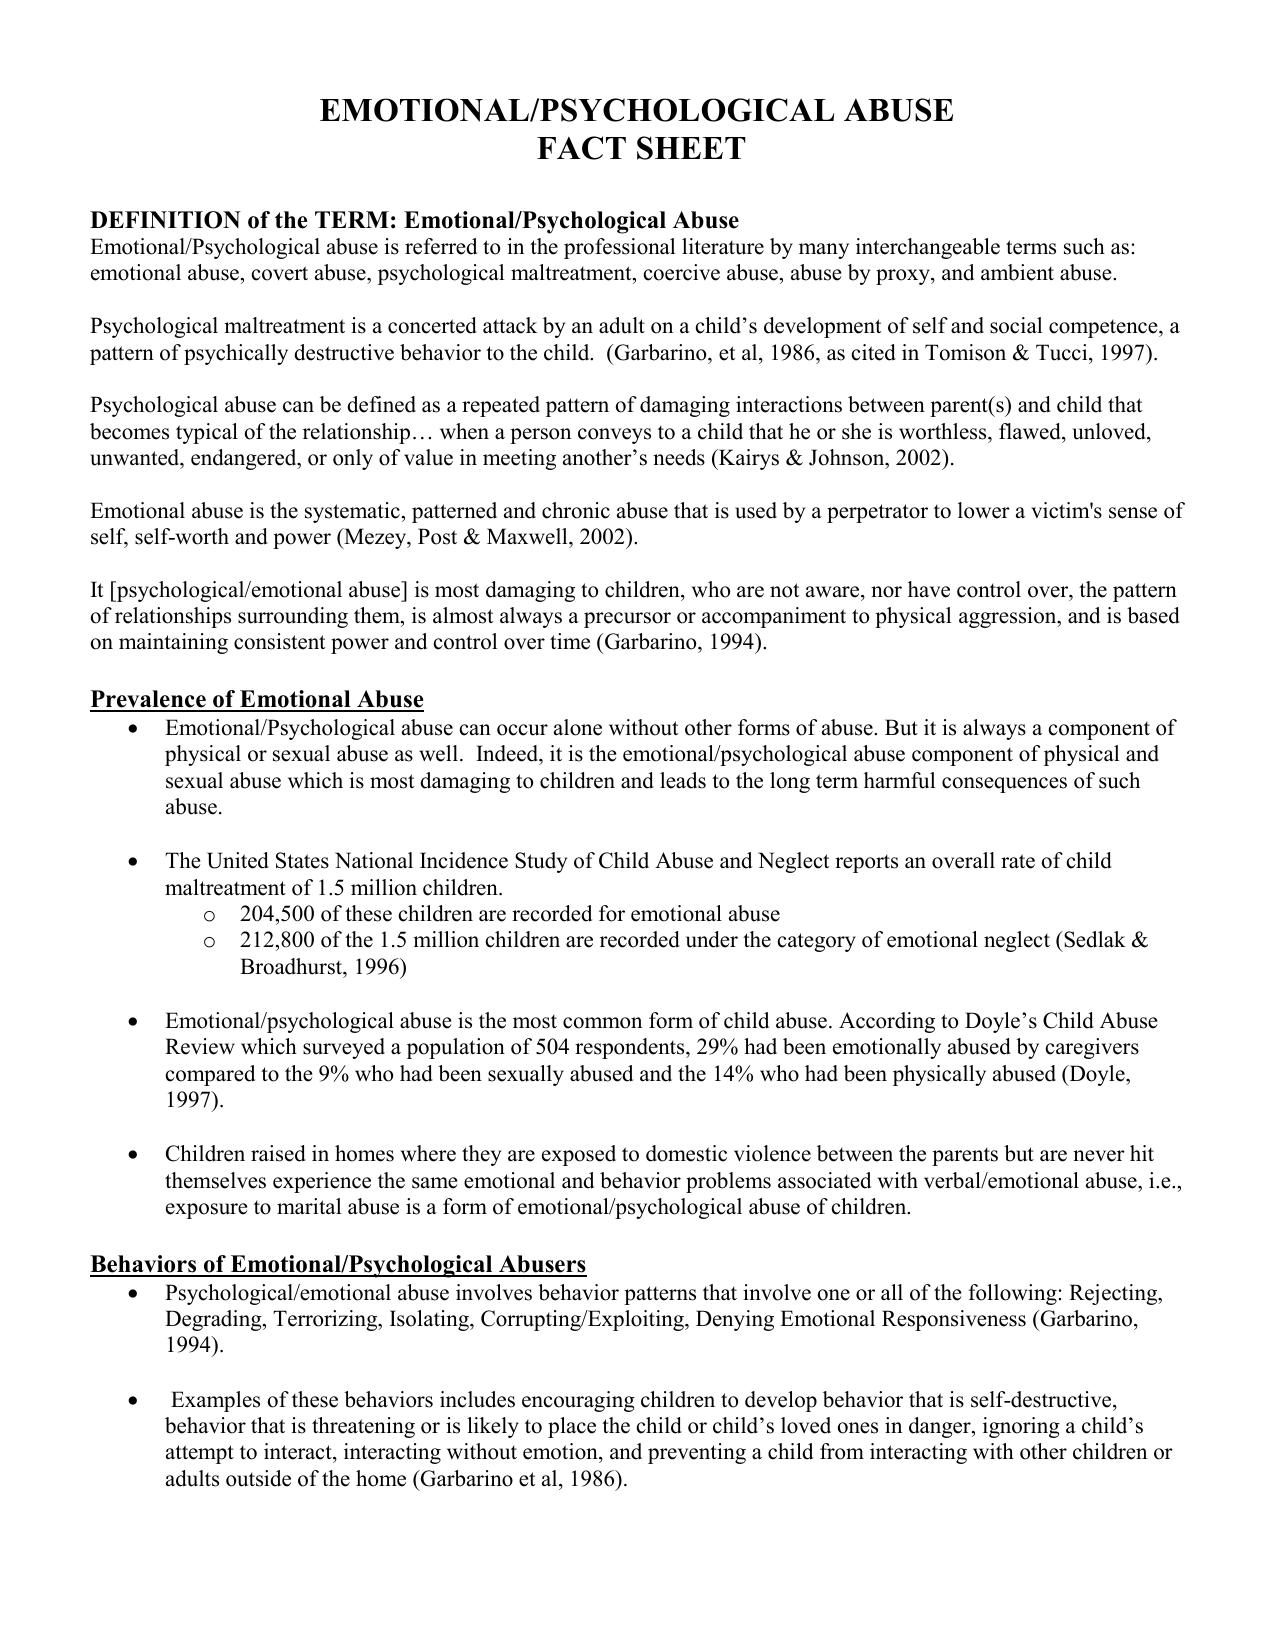 Emotional Abuse Fact Sheet